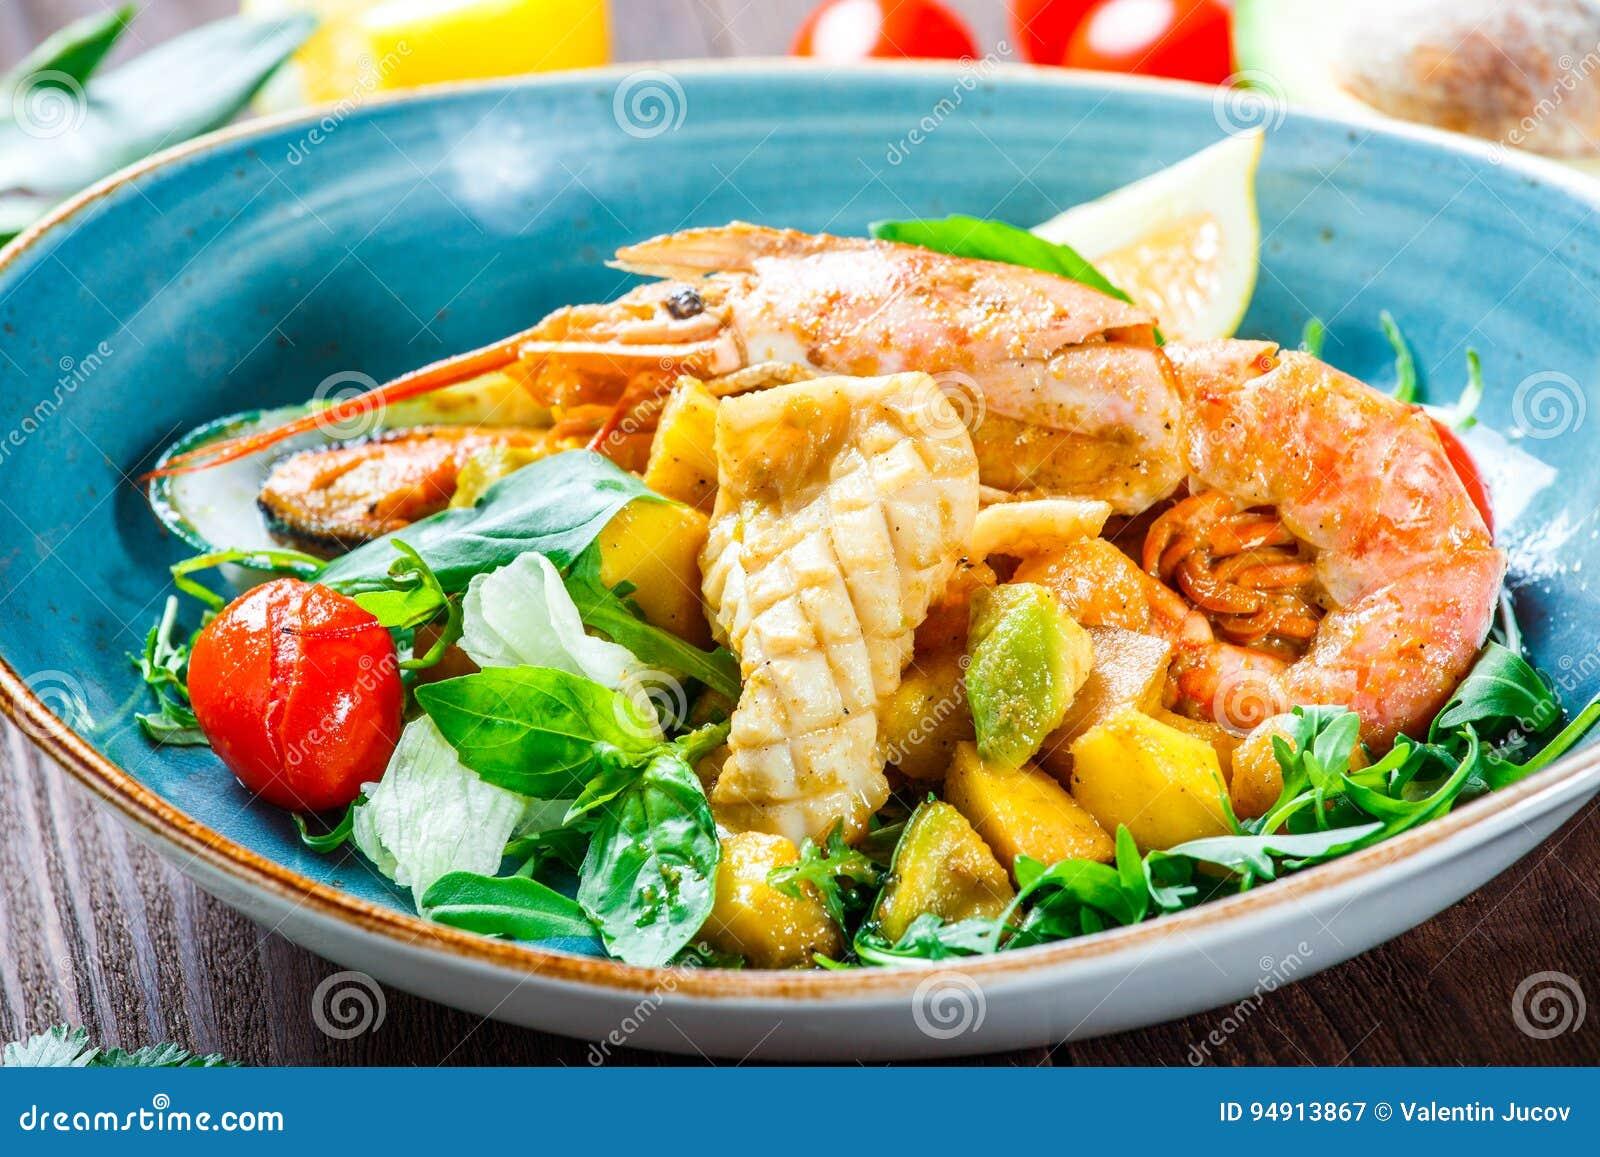 Salade chaude avec des fruits de mer, langoustine, moules, crevettes, calmar, s